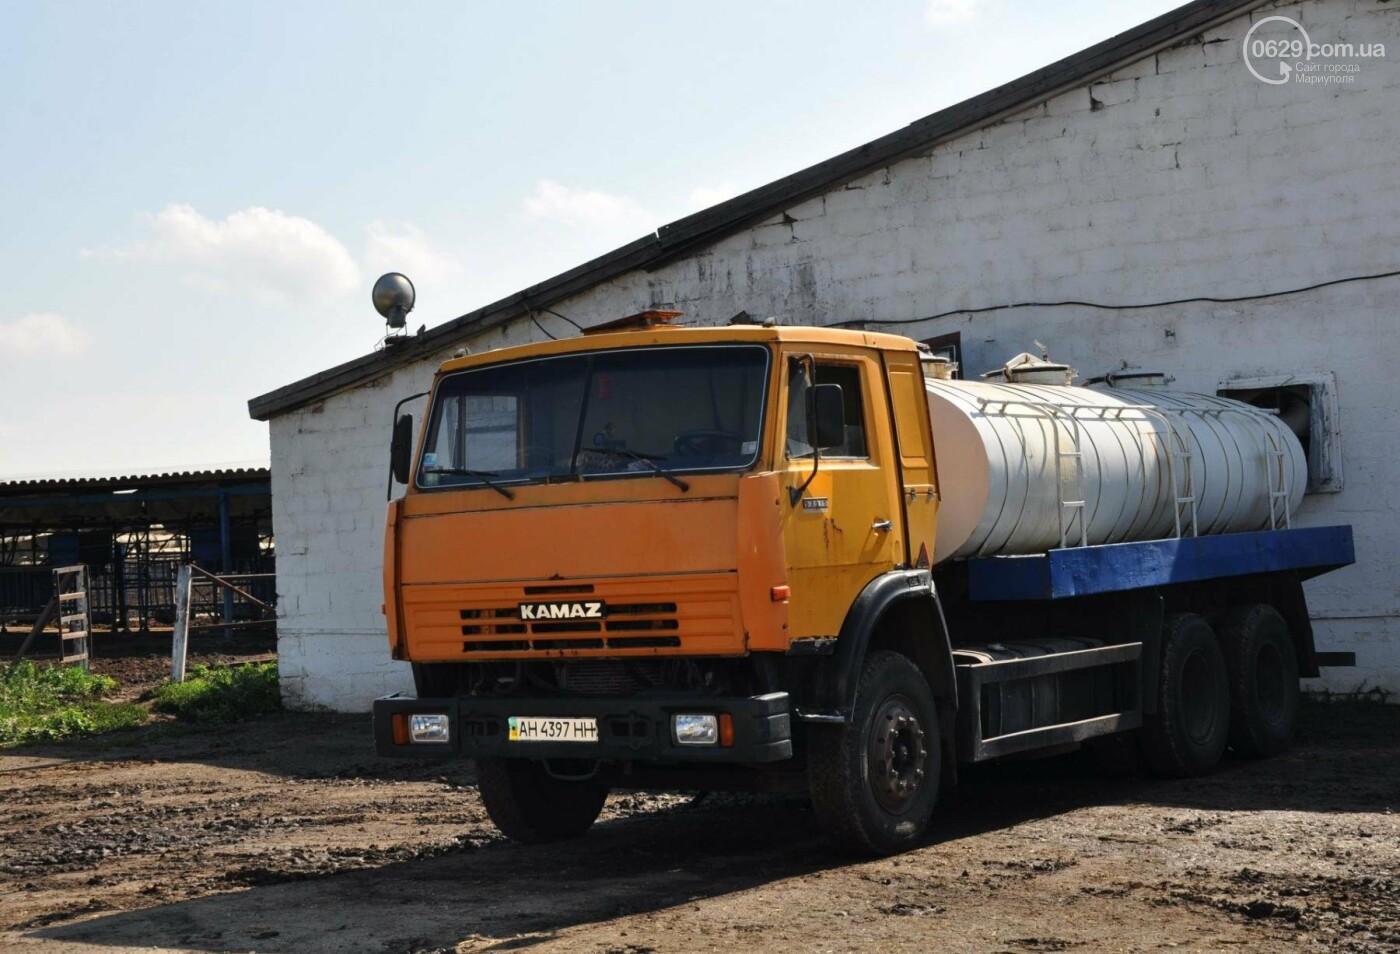 Откуда Мариупольский молокозавод получает натуральное молоко?, фото-14